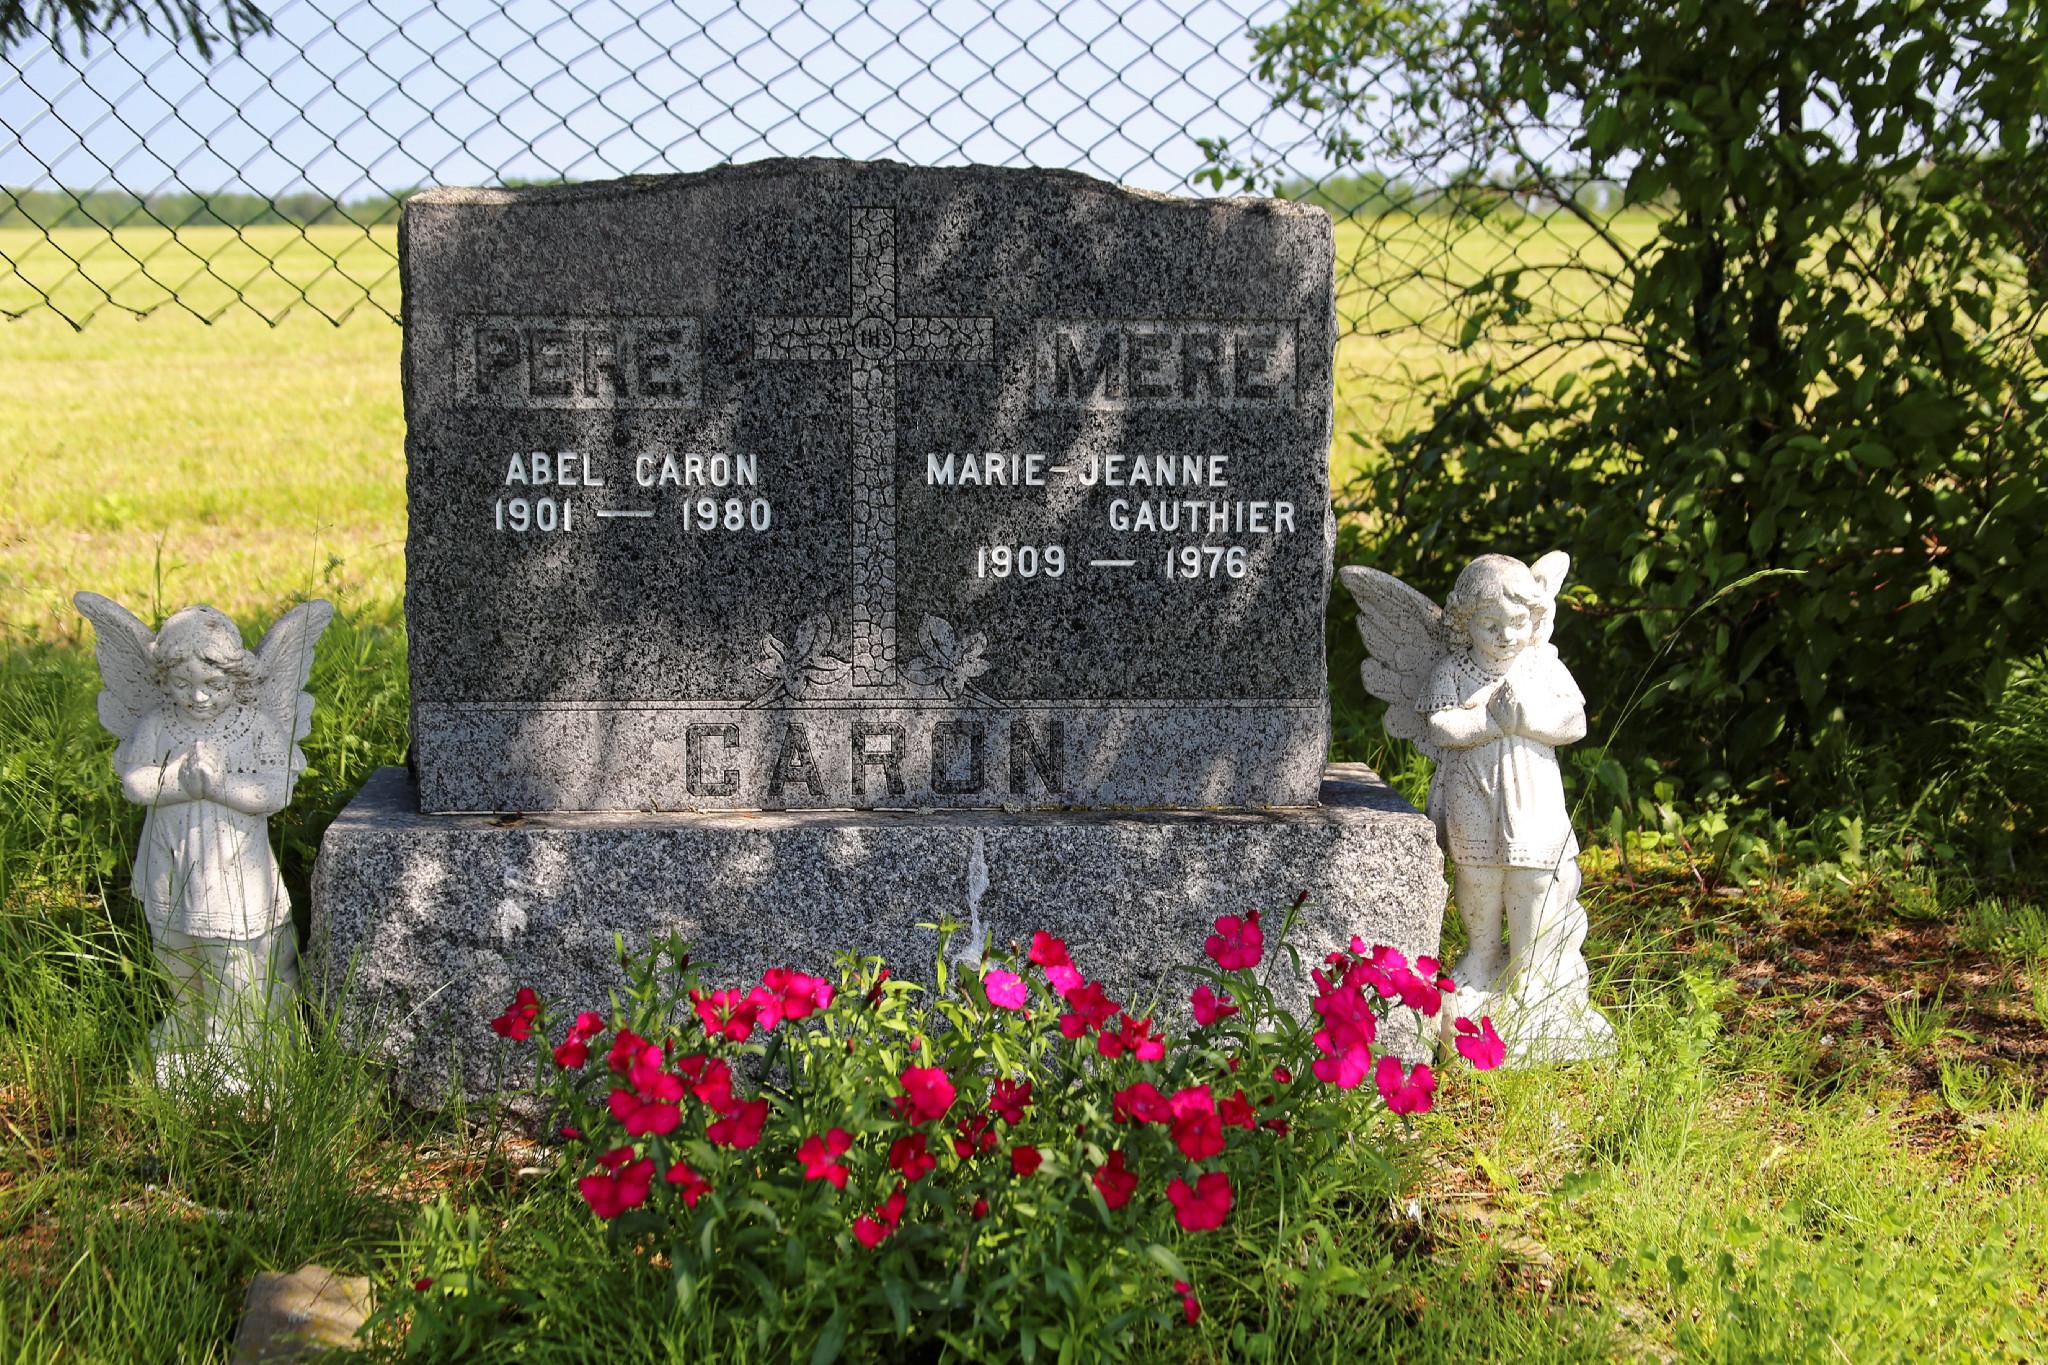 Abel Caron